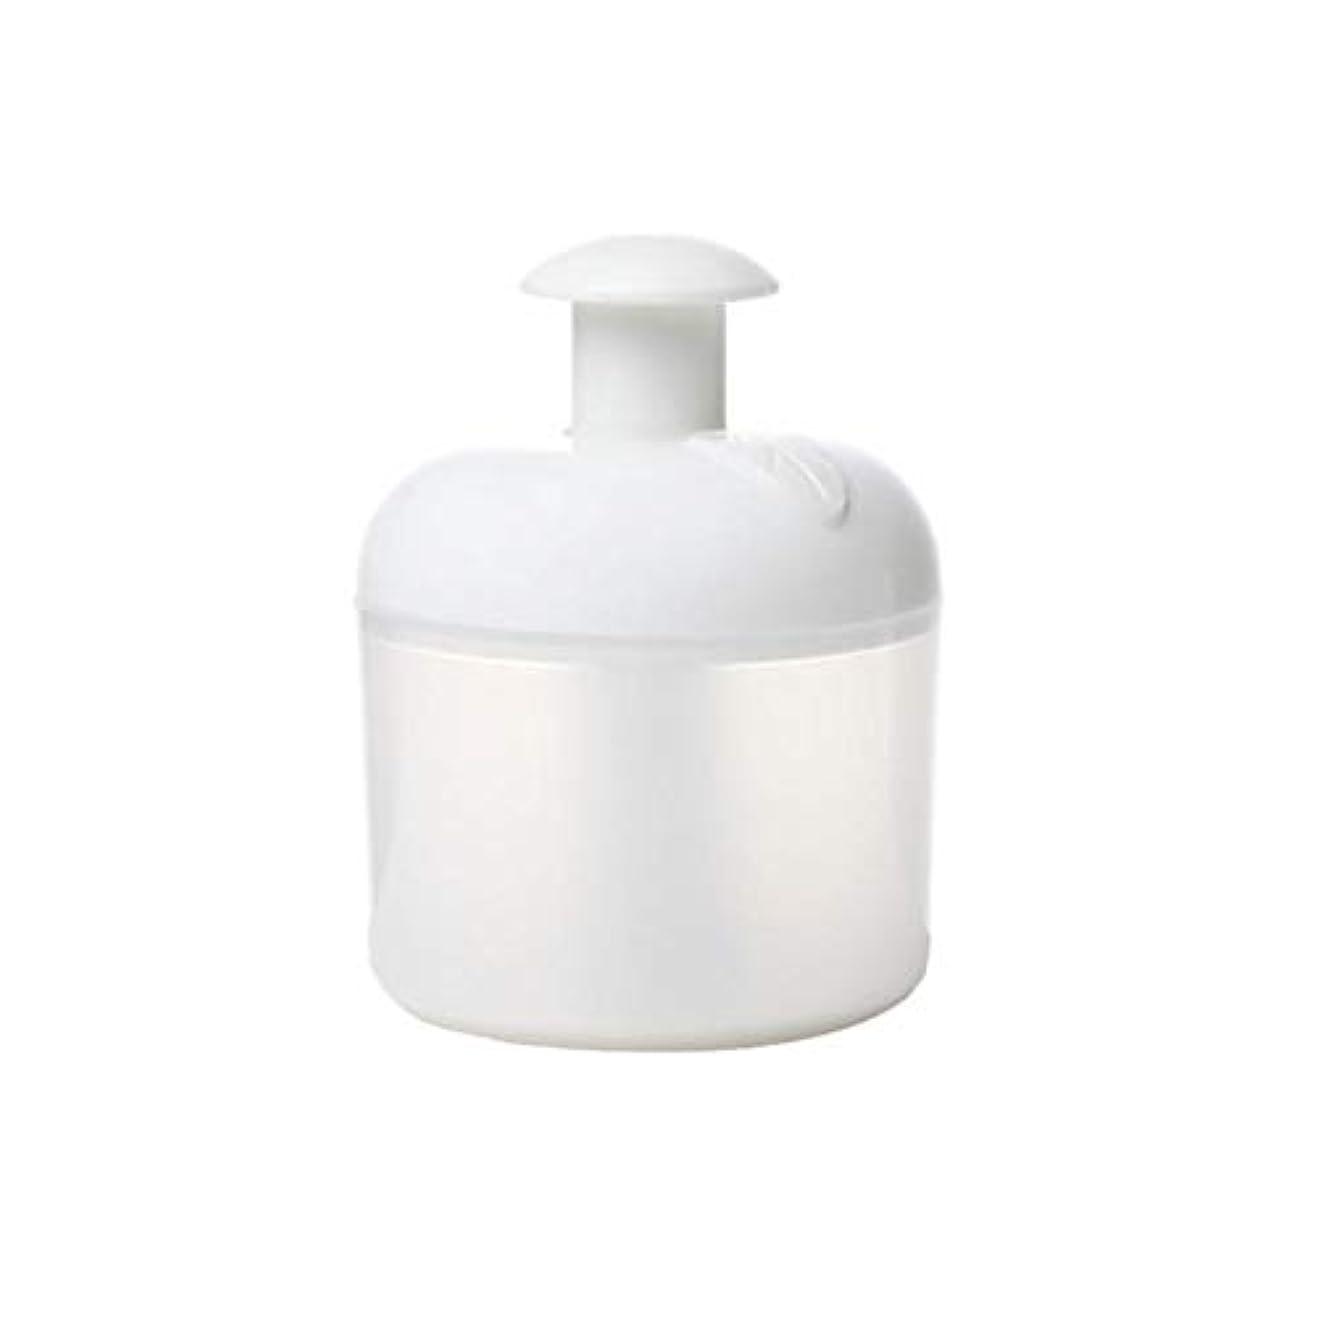 肺炎一般的に言えば費やすマイクロバブルフォーマー - Dewin 洗顔泡立て器 洗顔ネット マイクロホイッパー クリーンツール 7倍の濃厚なバブル 美容グッズ